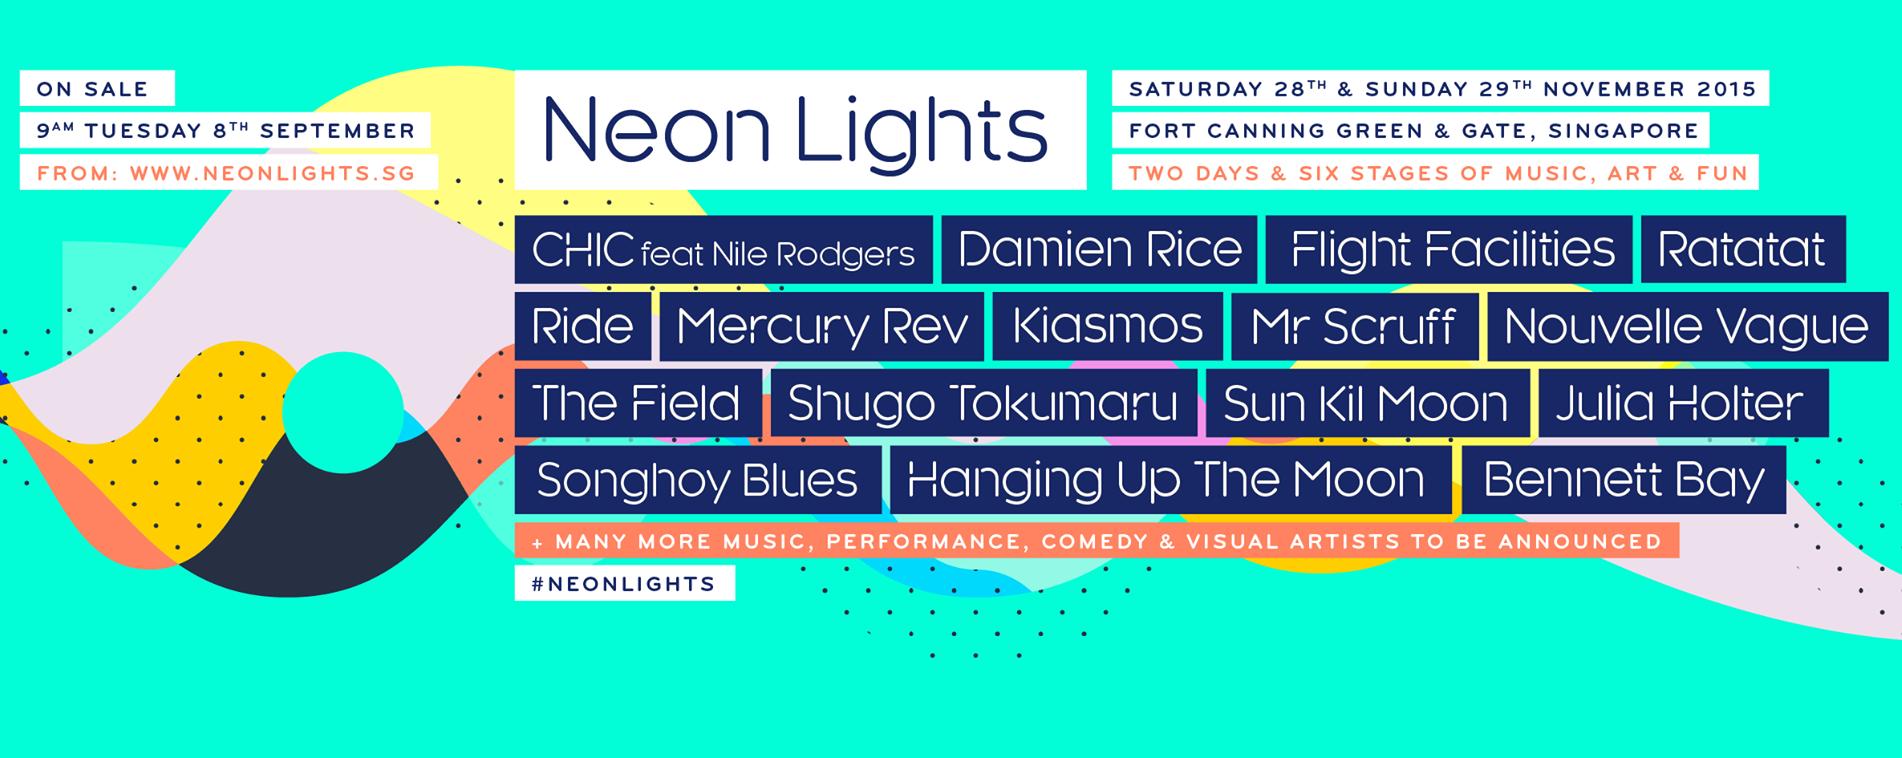 Neon Lights 2015